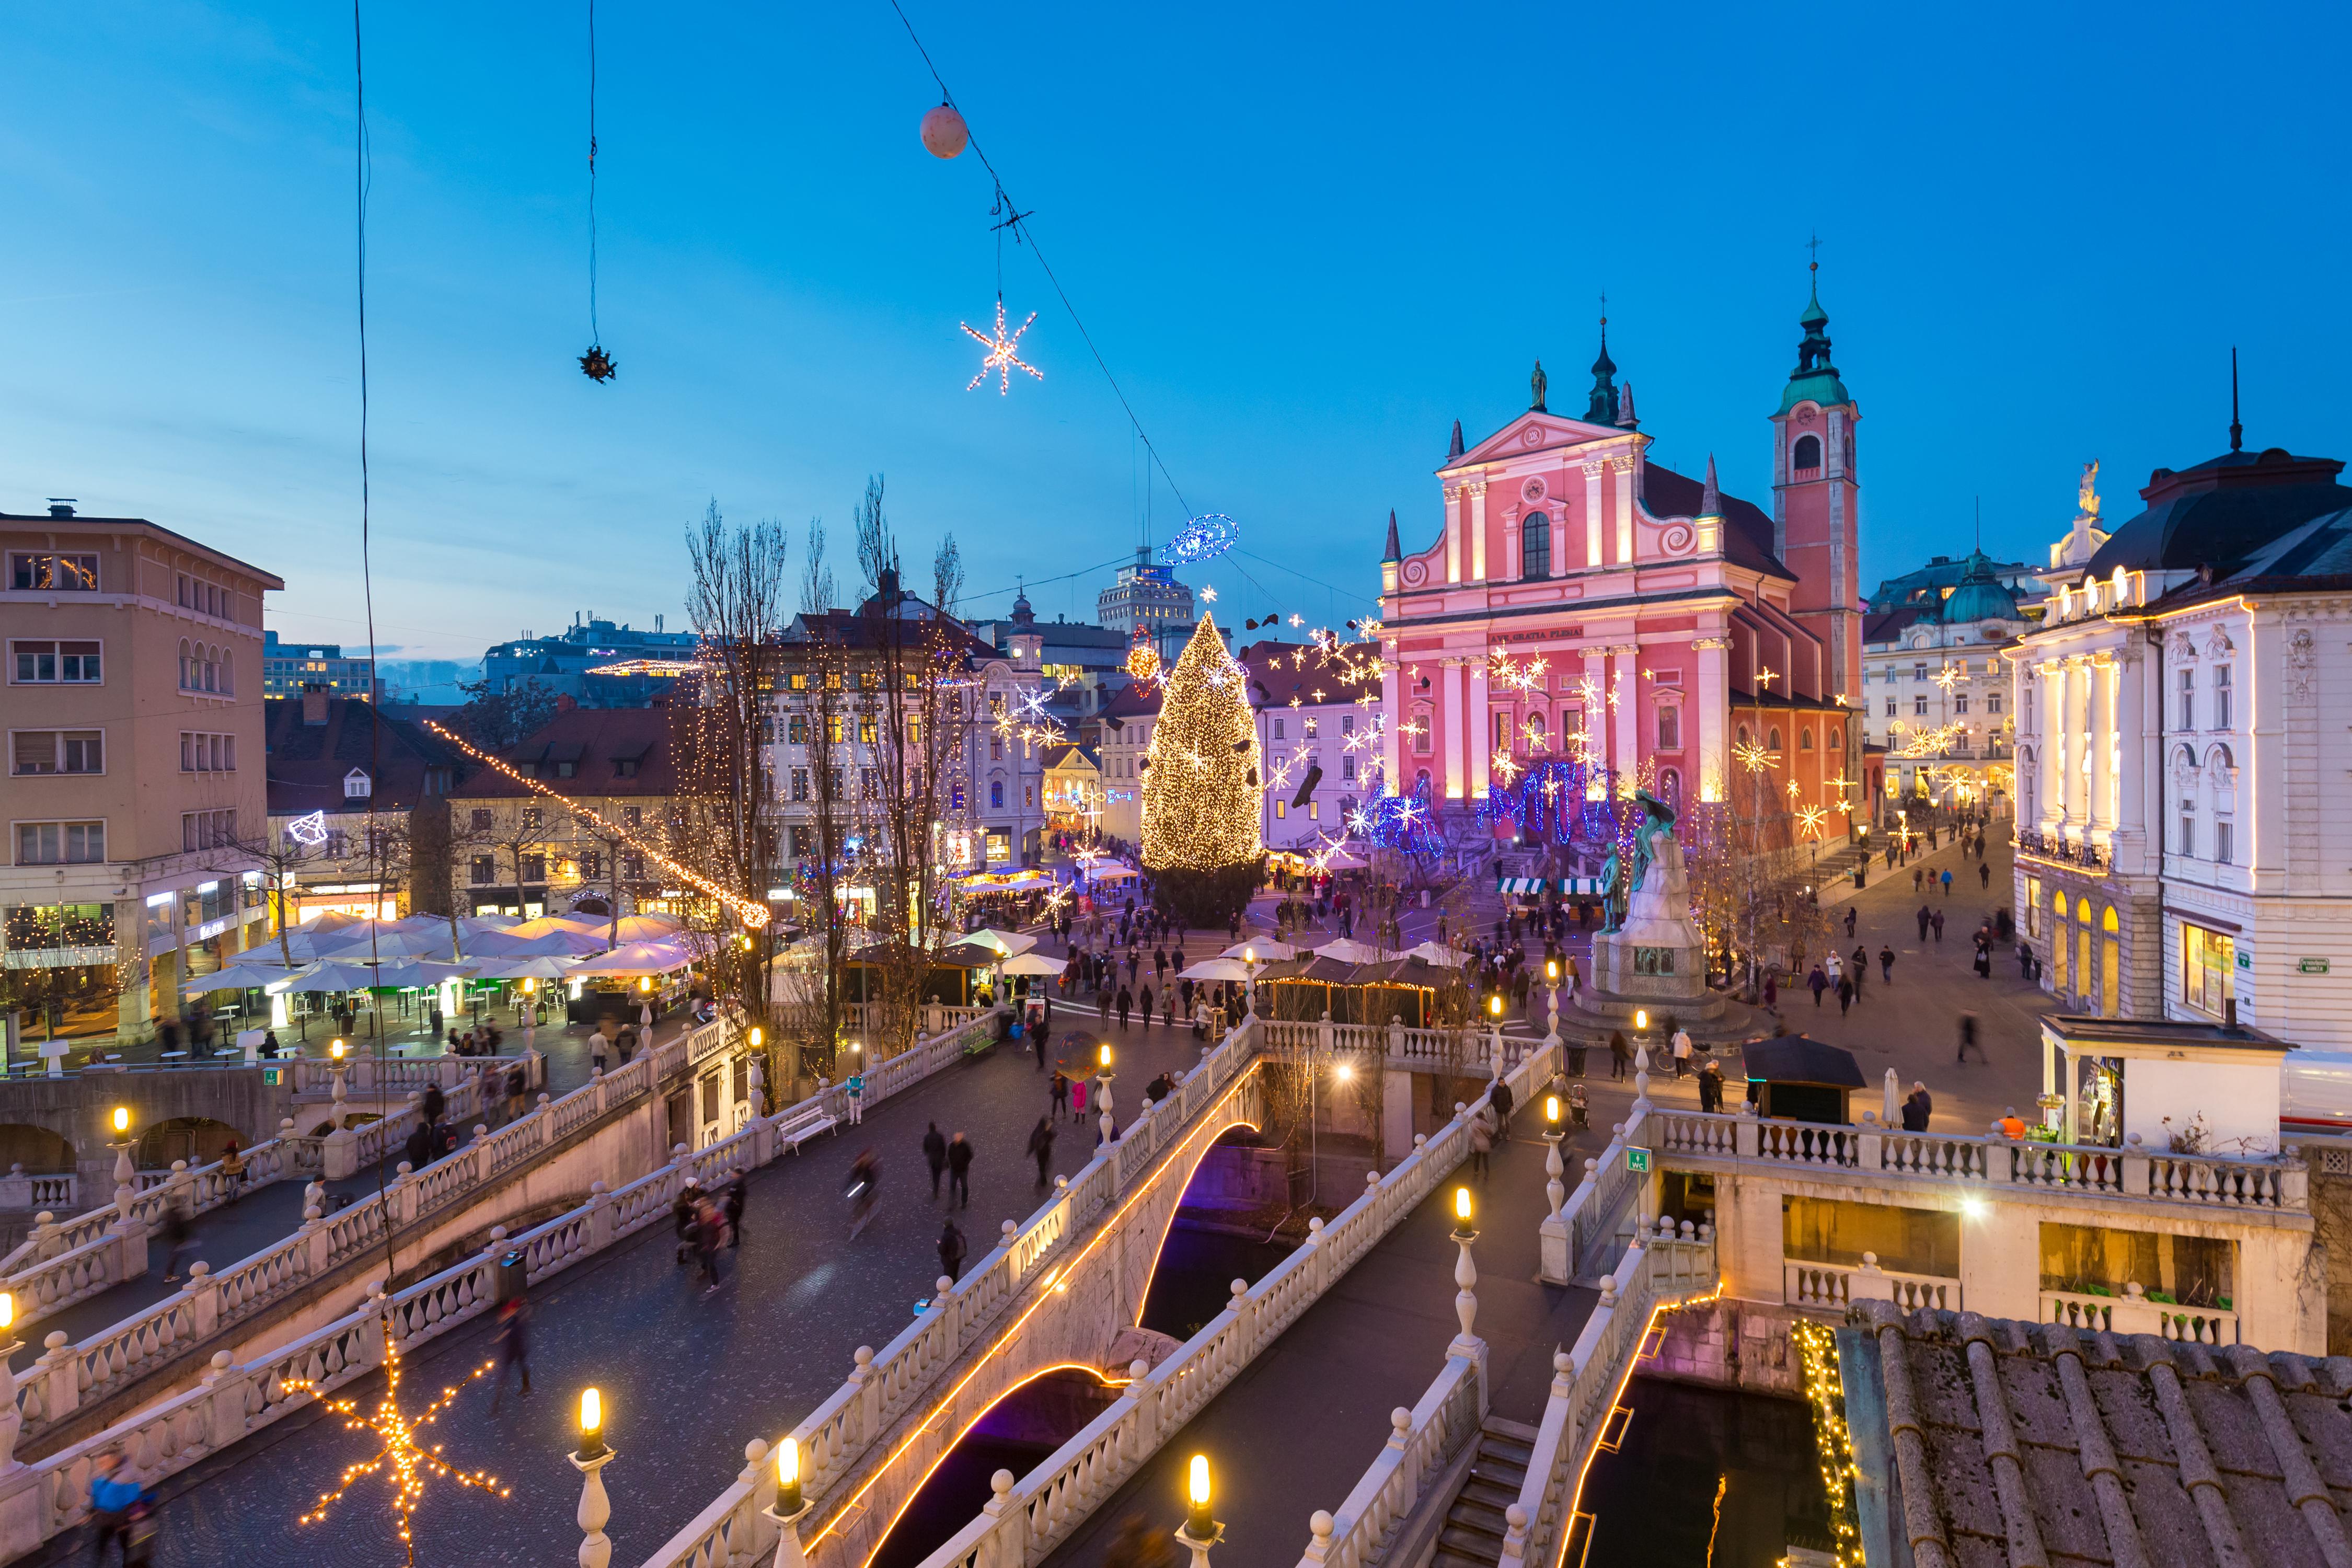 Advent in Slowenien